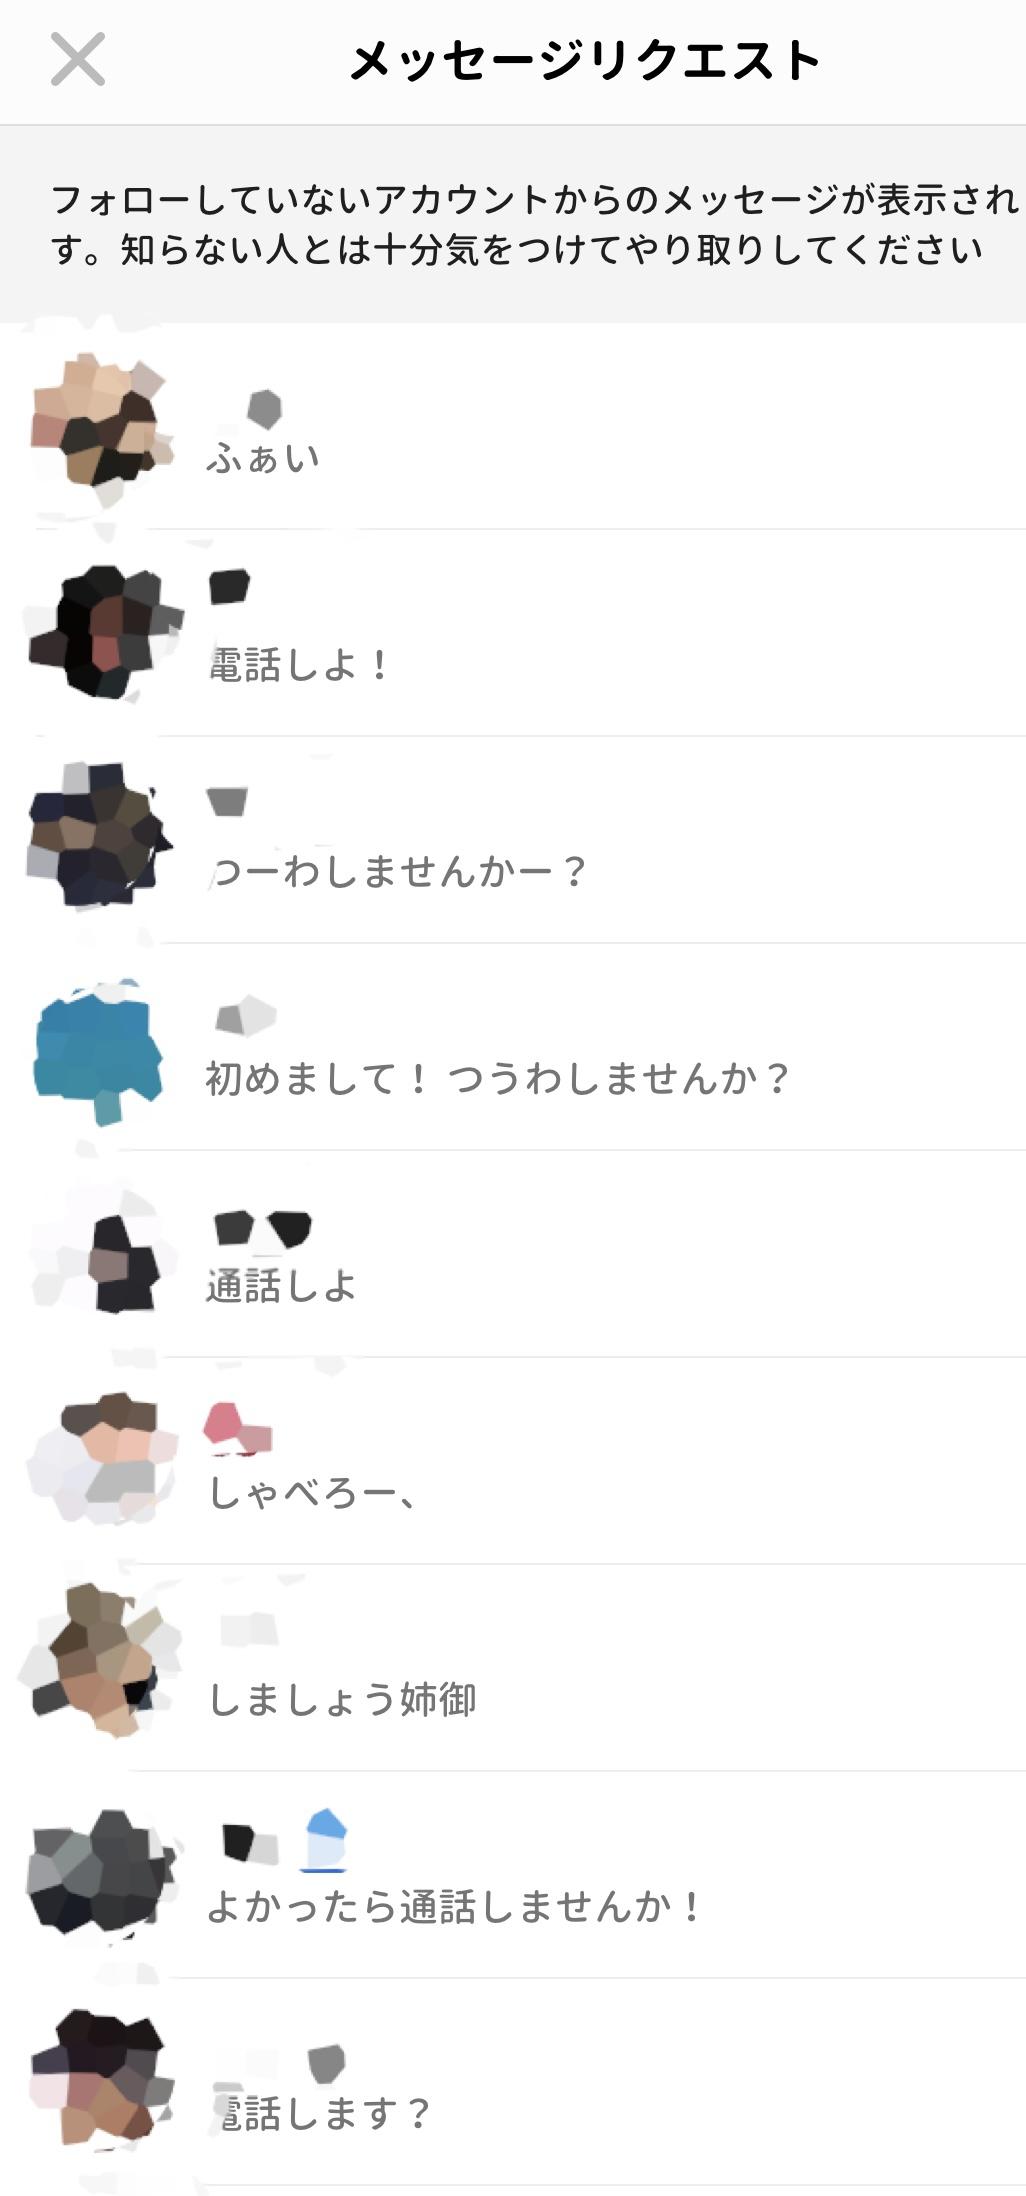 nanameue(ナナメウエ)Yay!を使ったmint01さんのクチコミ画像2